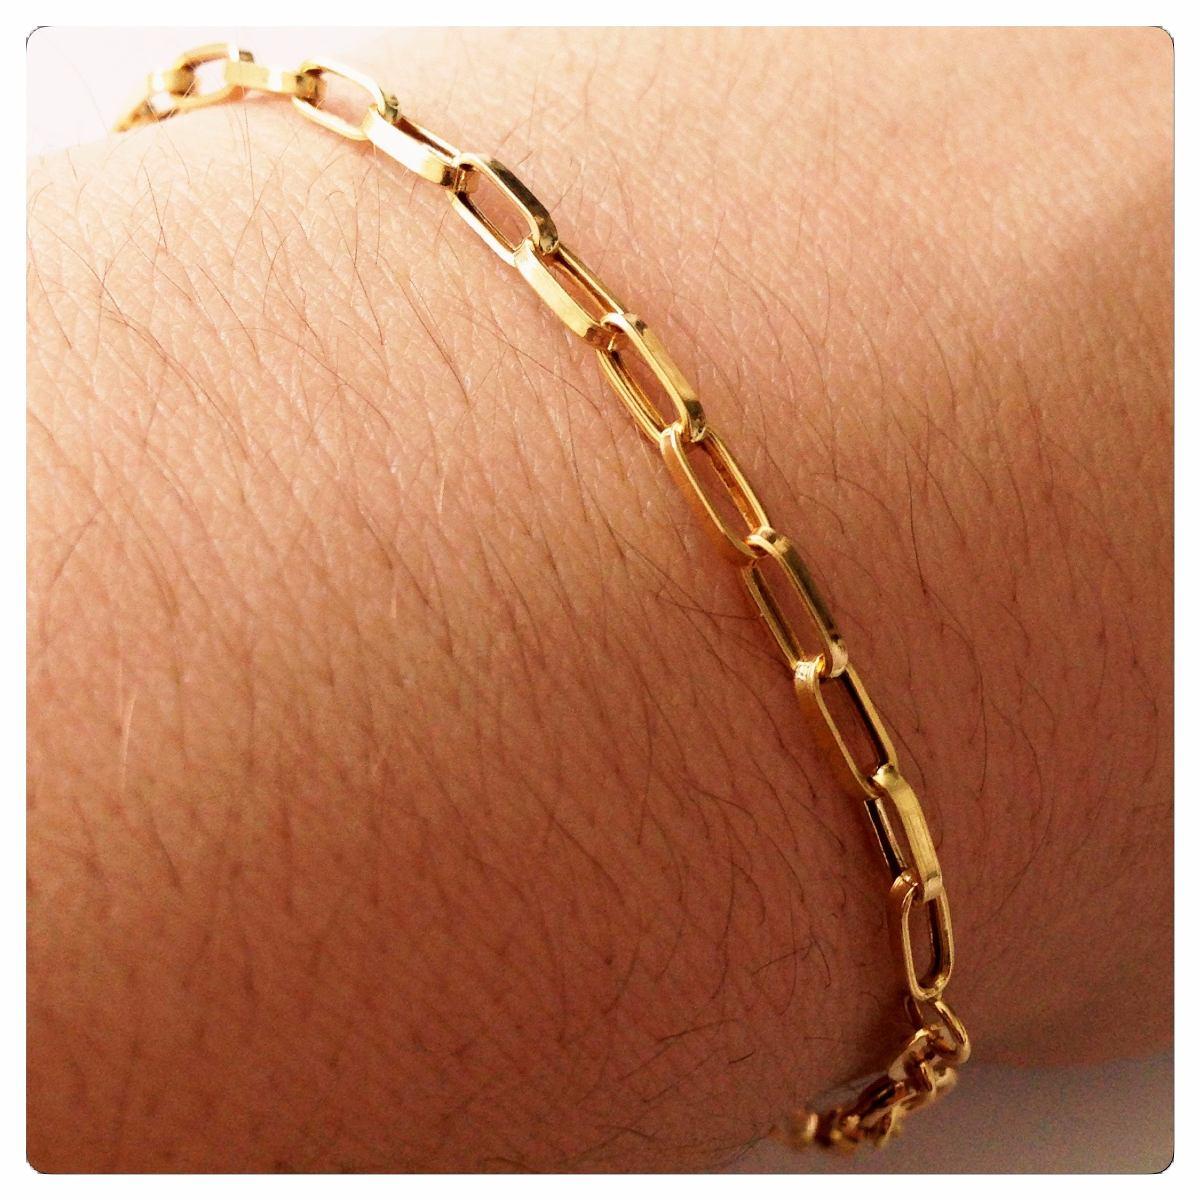 00f5168a82739 pulseira masculina 1.70 grs elo cartie de ouro 18k belíssima. Carregando  zoom.